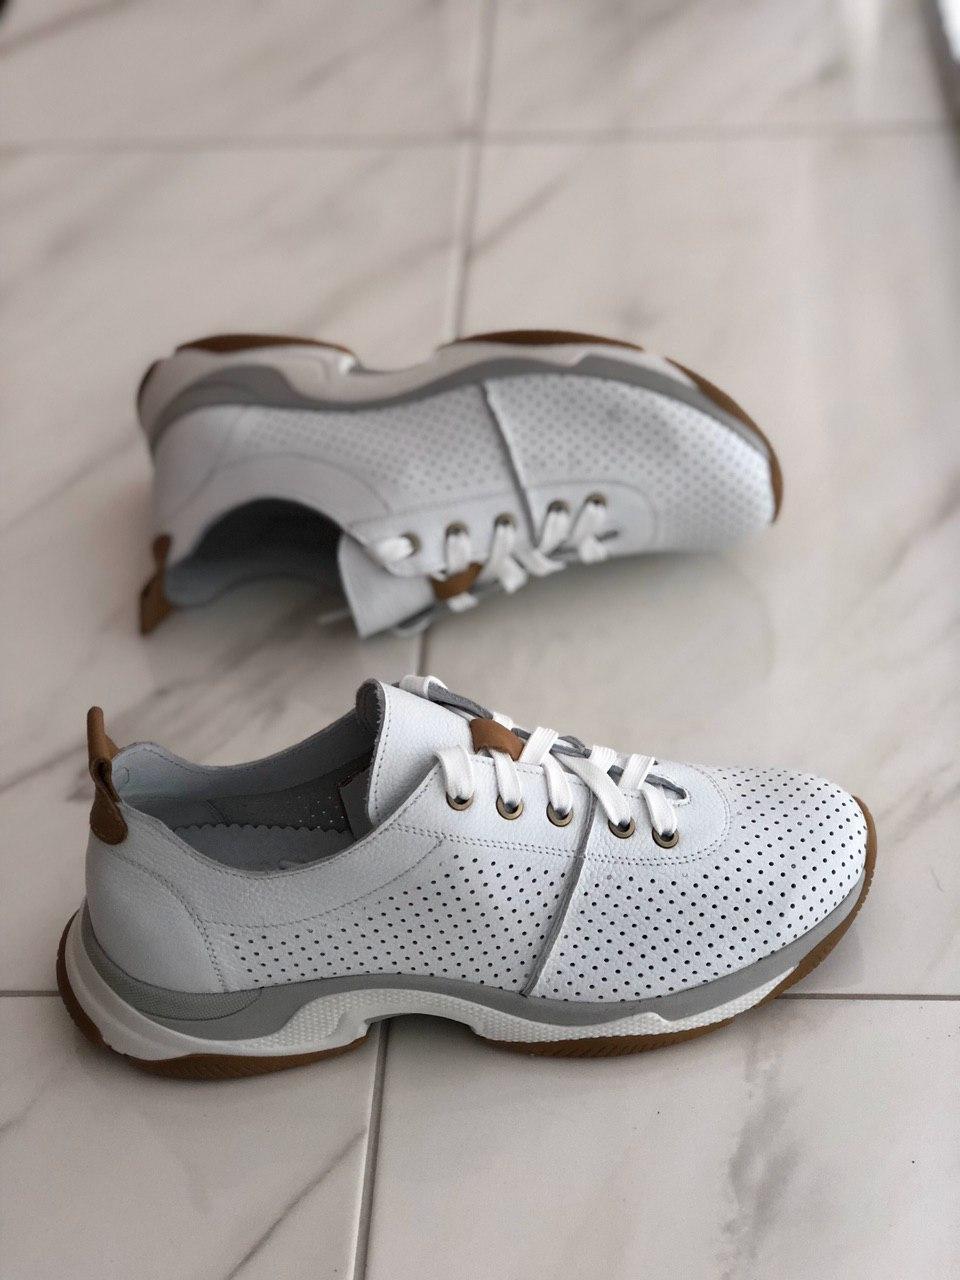 Кожаные женские кроссовки MAX MAYAR 57 BB размеры 37,38,39,40